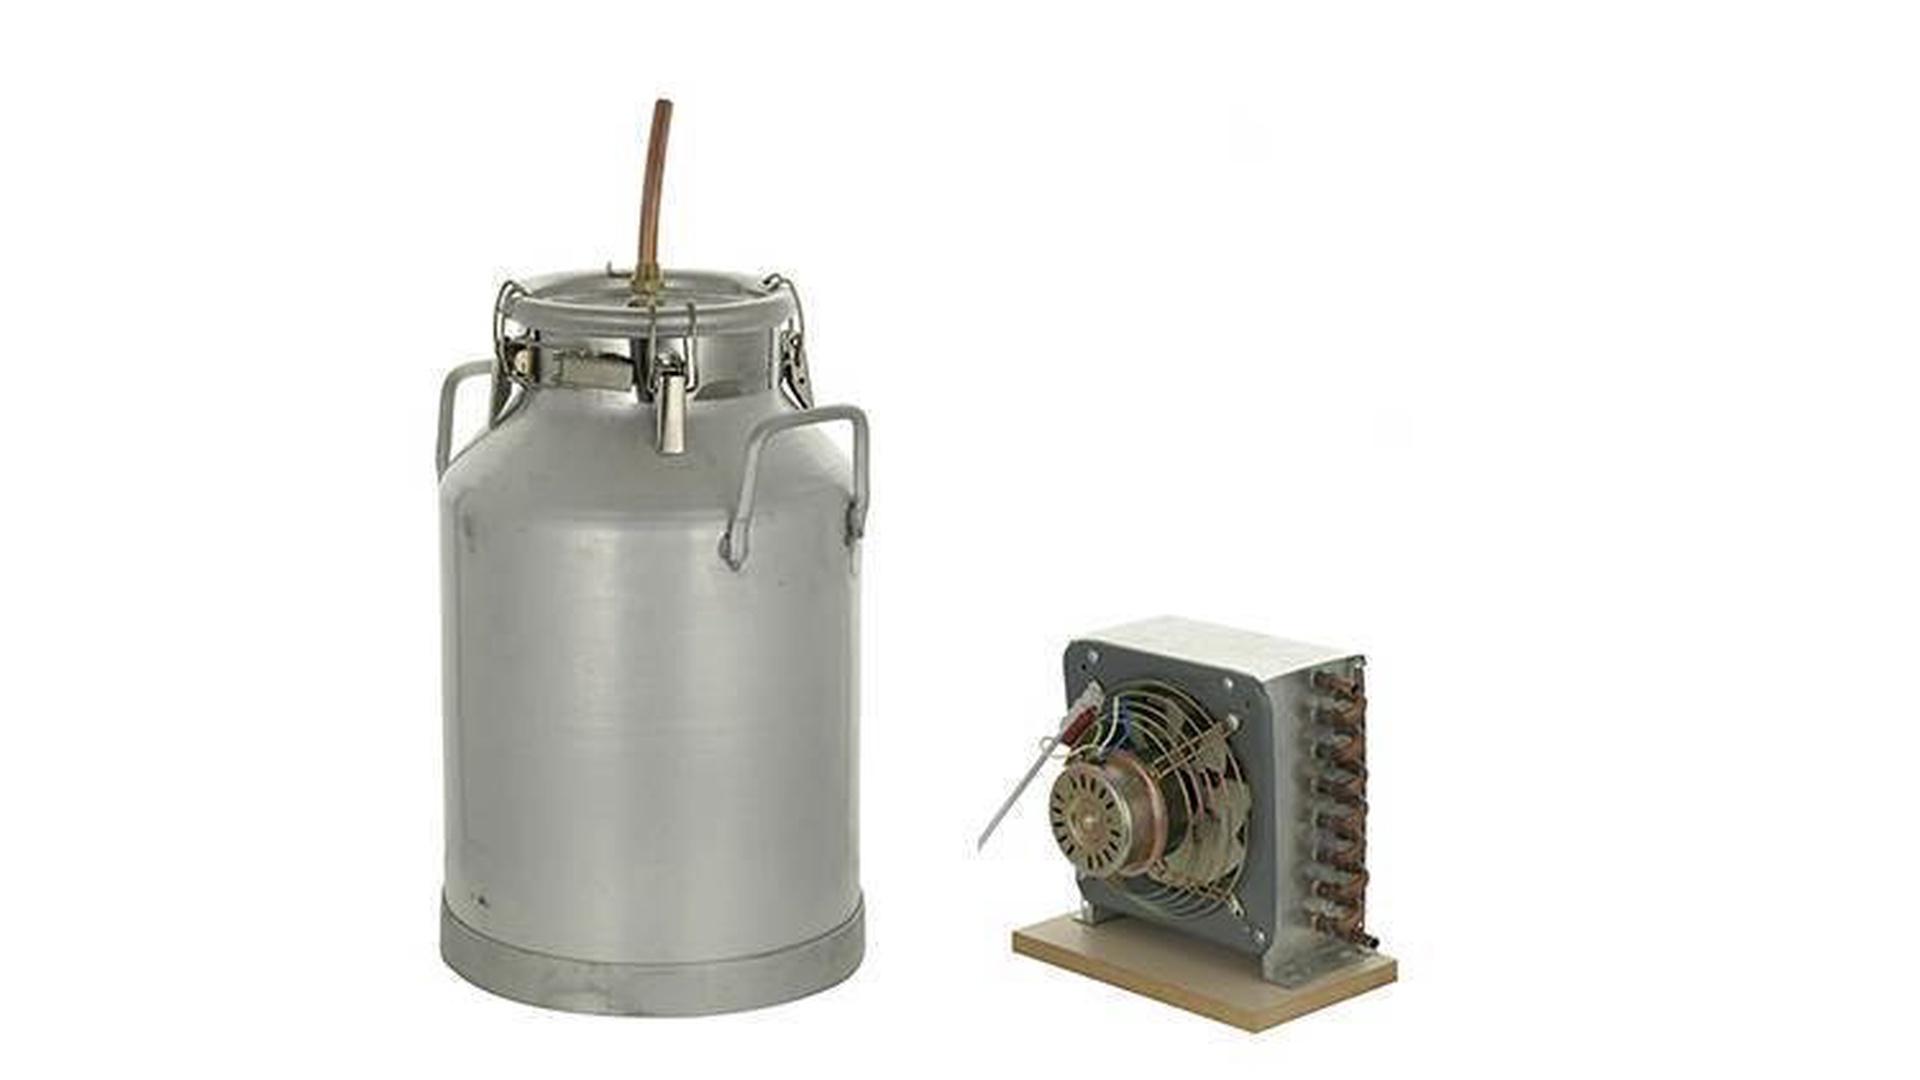 دستگاه تقطیر 10 لیتری 5 چفت با کنداسور برقی مدل 20406